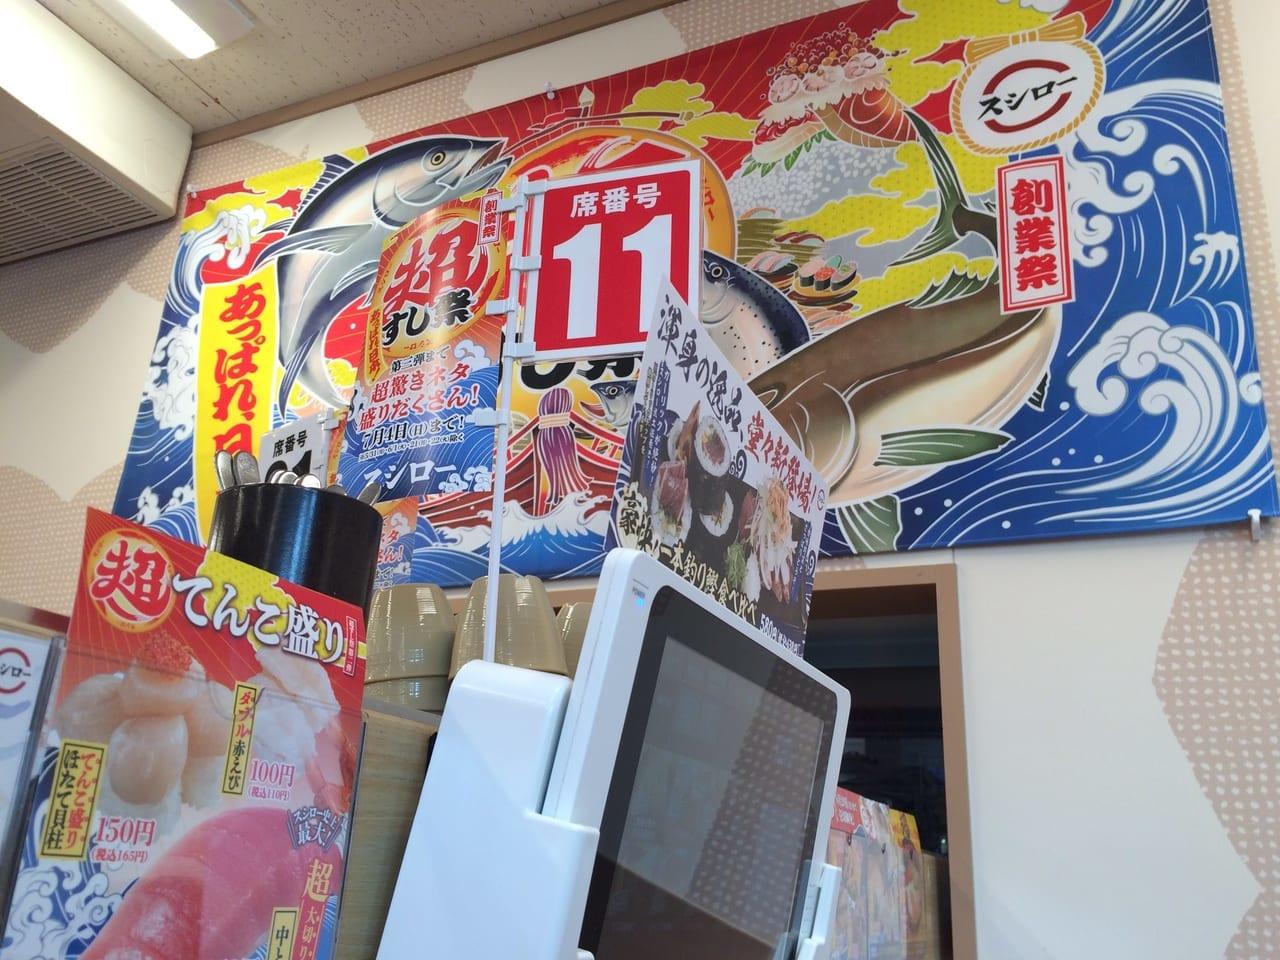 あっぱれ、日本!超すし祭開催中のスシロー2